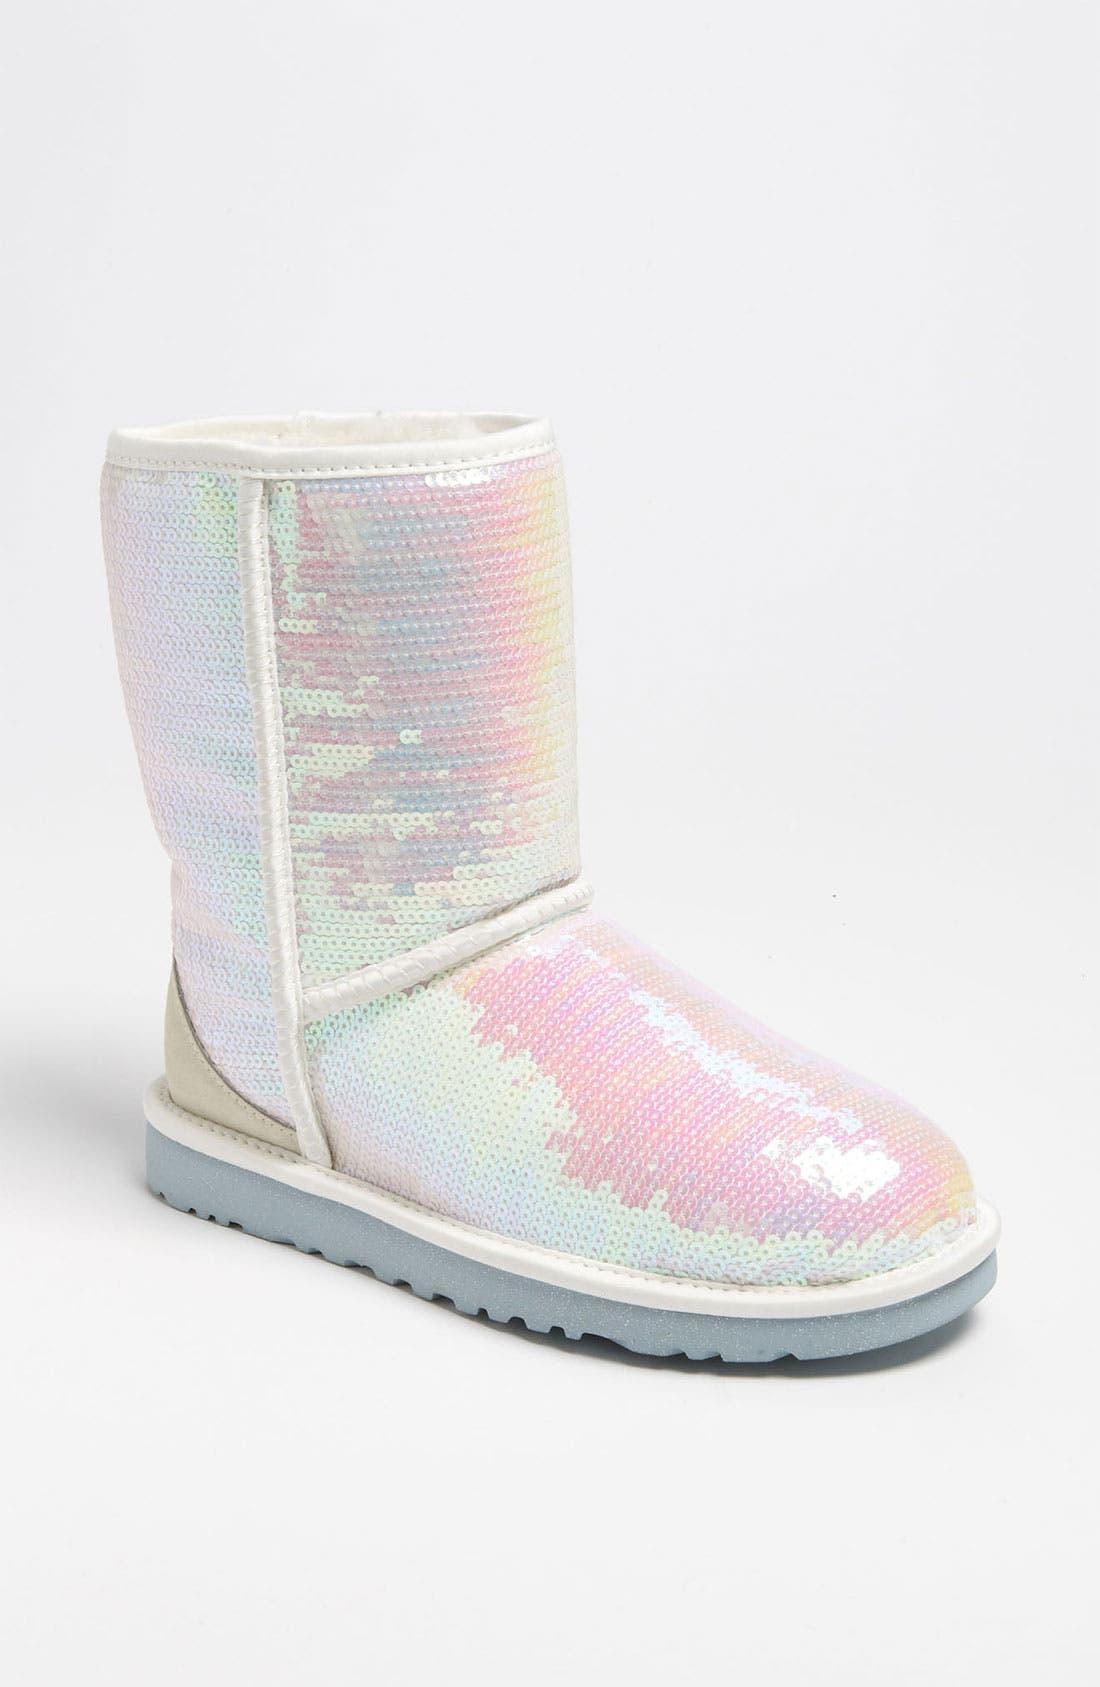 Alternate Image 1 Selected - UGG® Australia 'Classic Short Sparkles - I Do' Boot (Women)